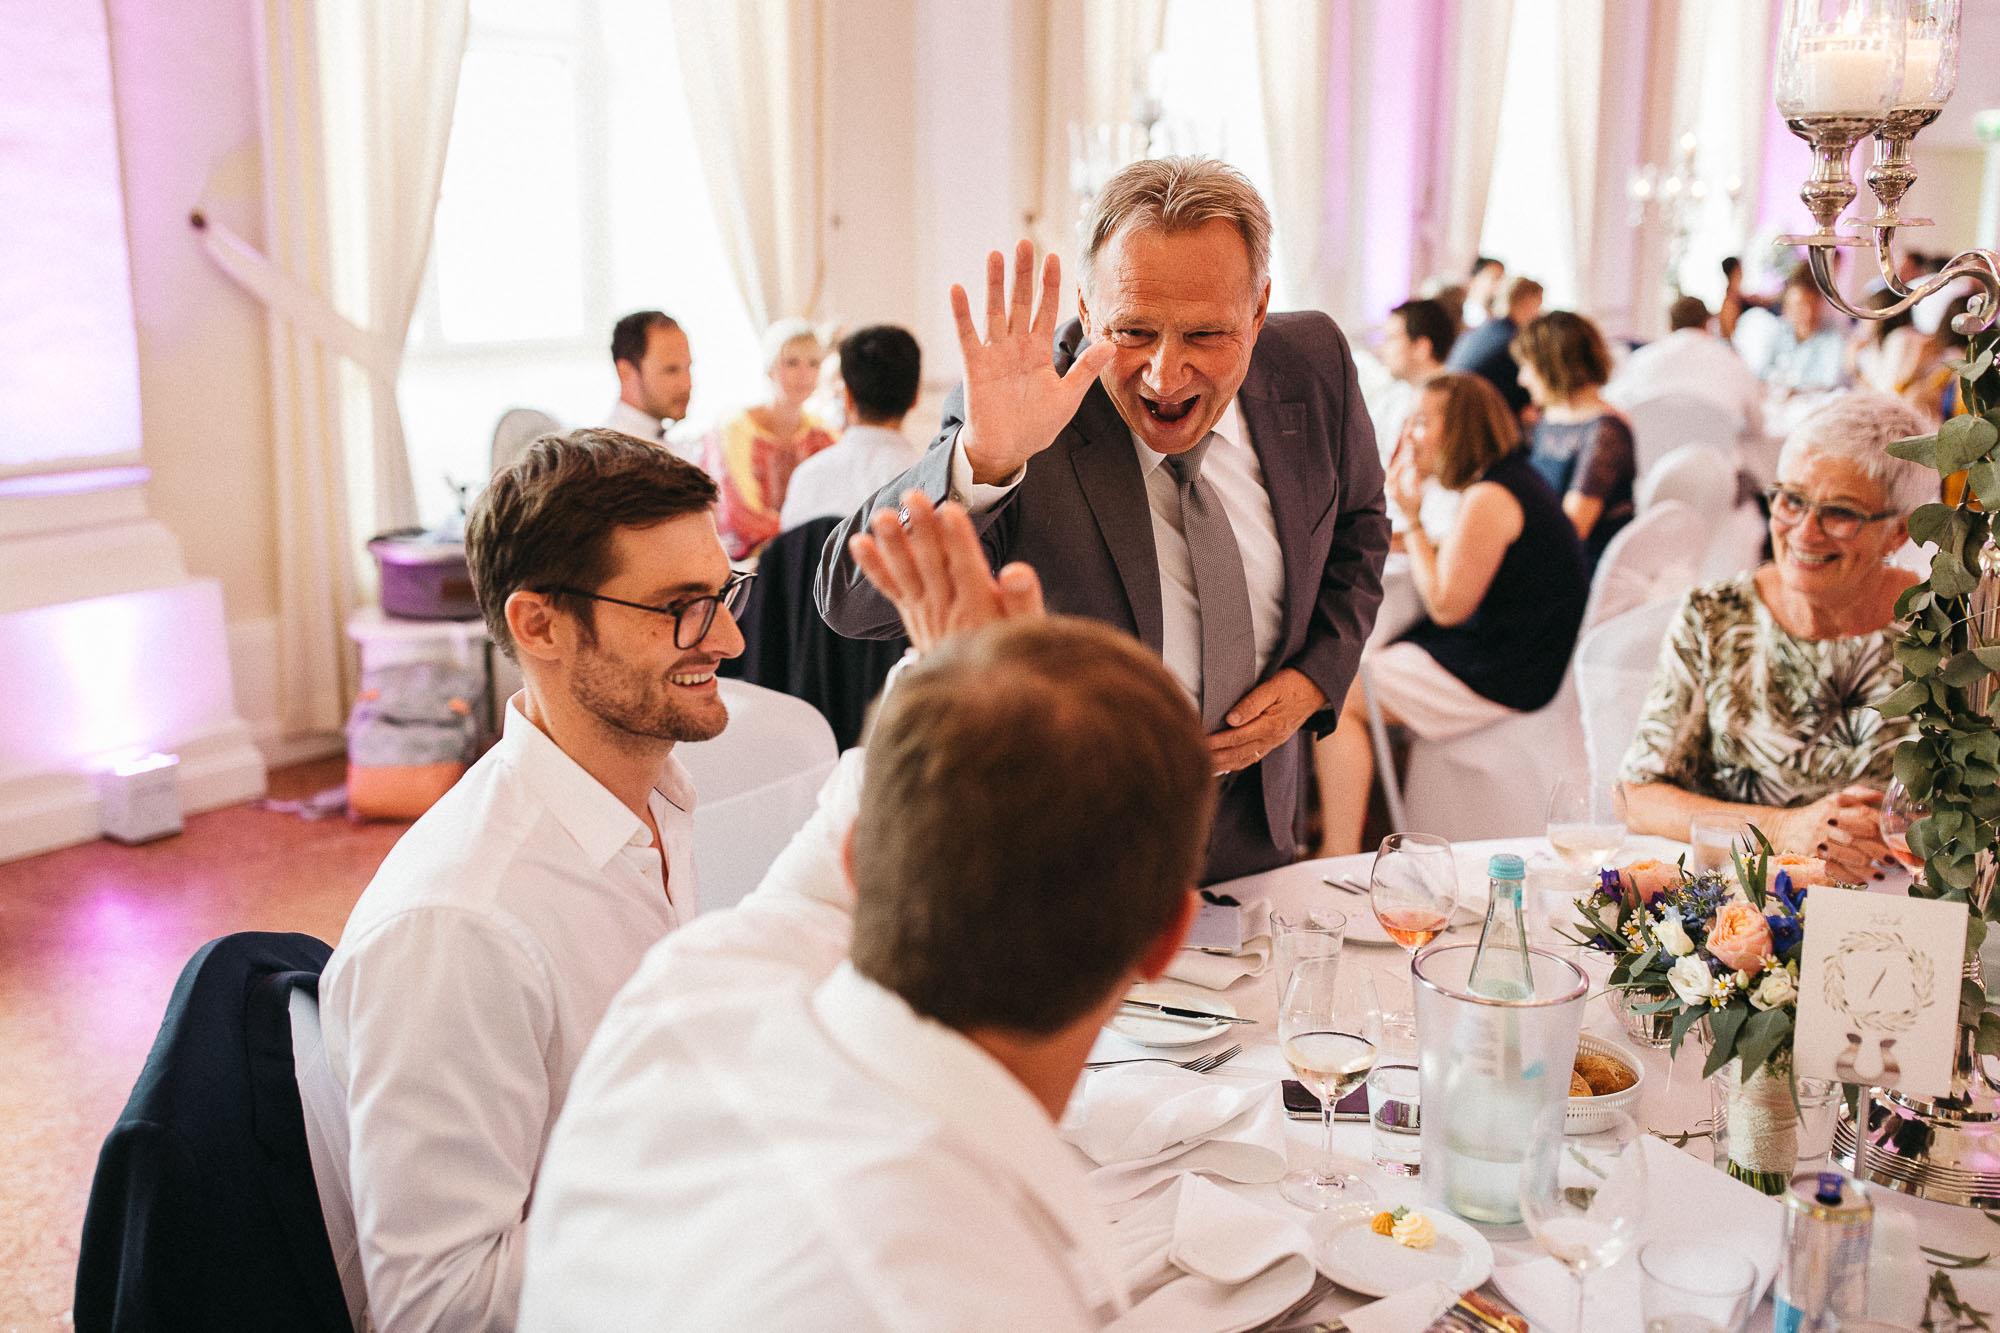 raissa simon photography wedding mosel kloster machern love authentic 673 - Kathrin + Dominik